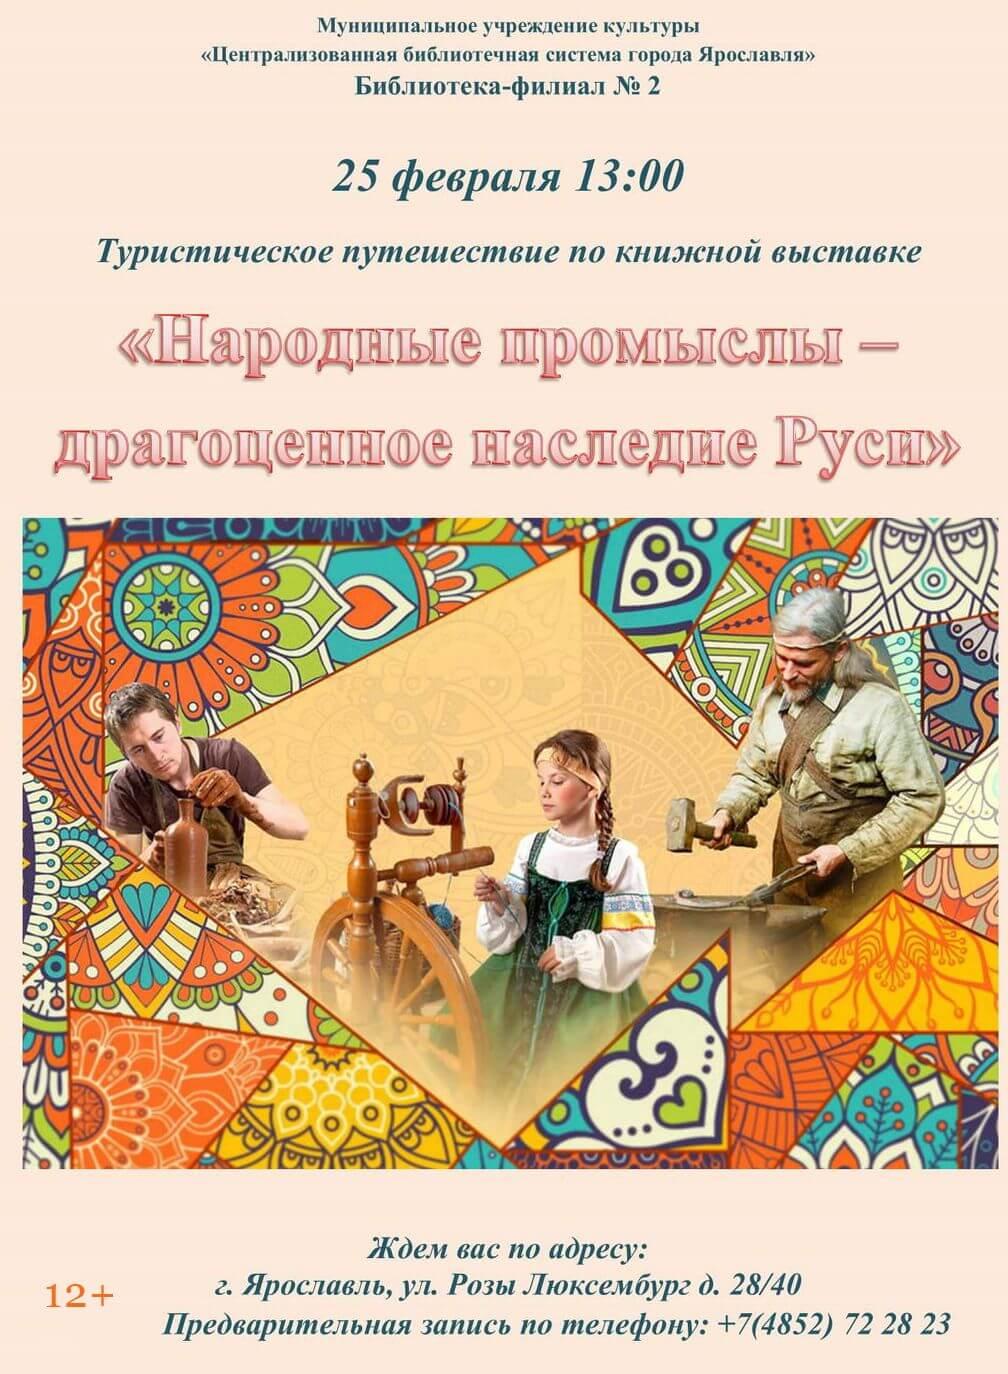 Туристическое путешествие по книжной выставке «Народные промыслы —драгоценное наследие Руси»